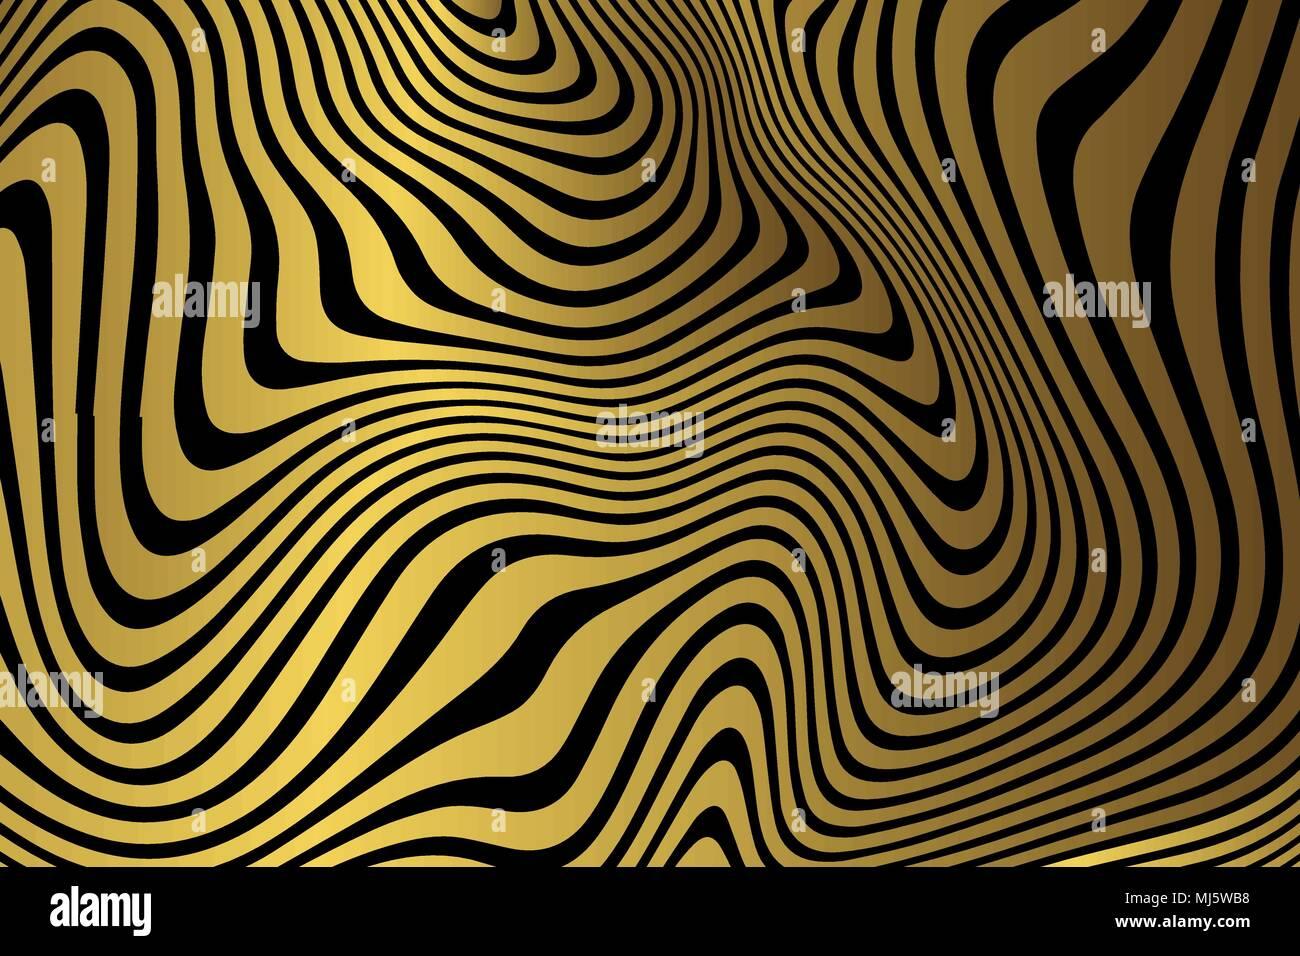 Carta Da Parati Moderna Texture.Golden Sfondo Marmo Oro Zebra Texture Il Design Moderno Modello